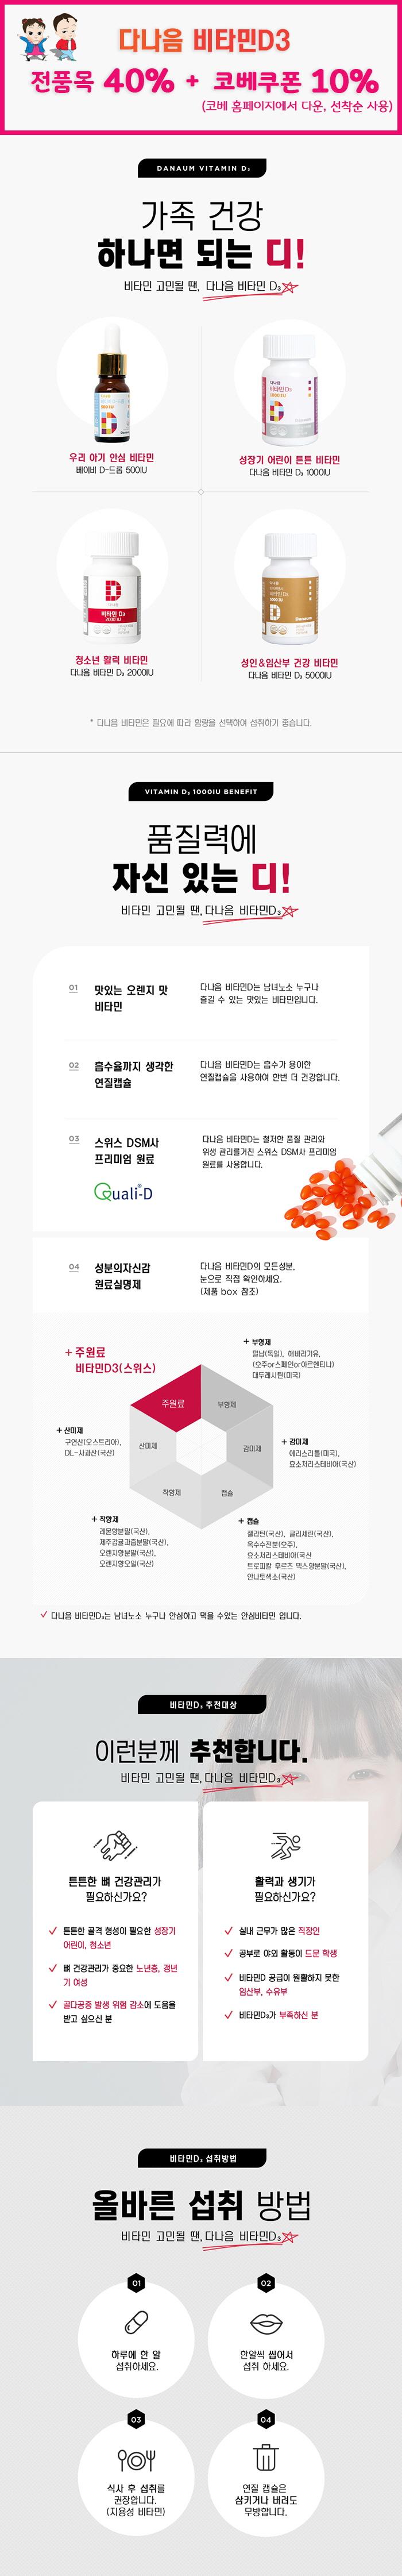 비타민D, 면역젤리 할인행사, 다양한 사은품 증정